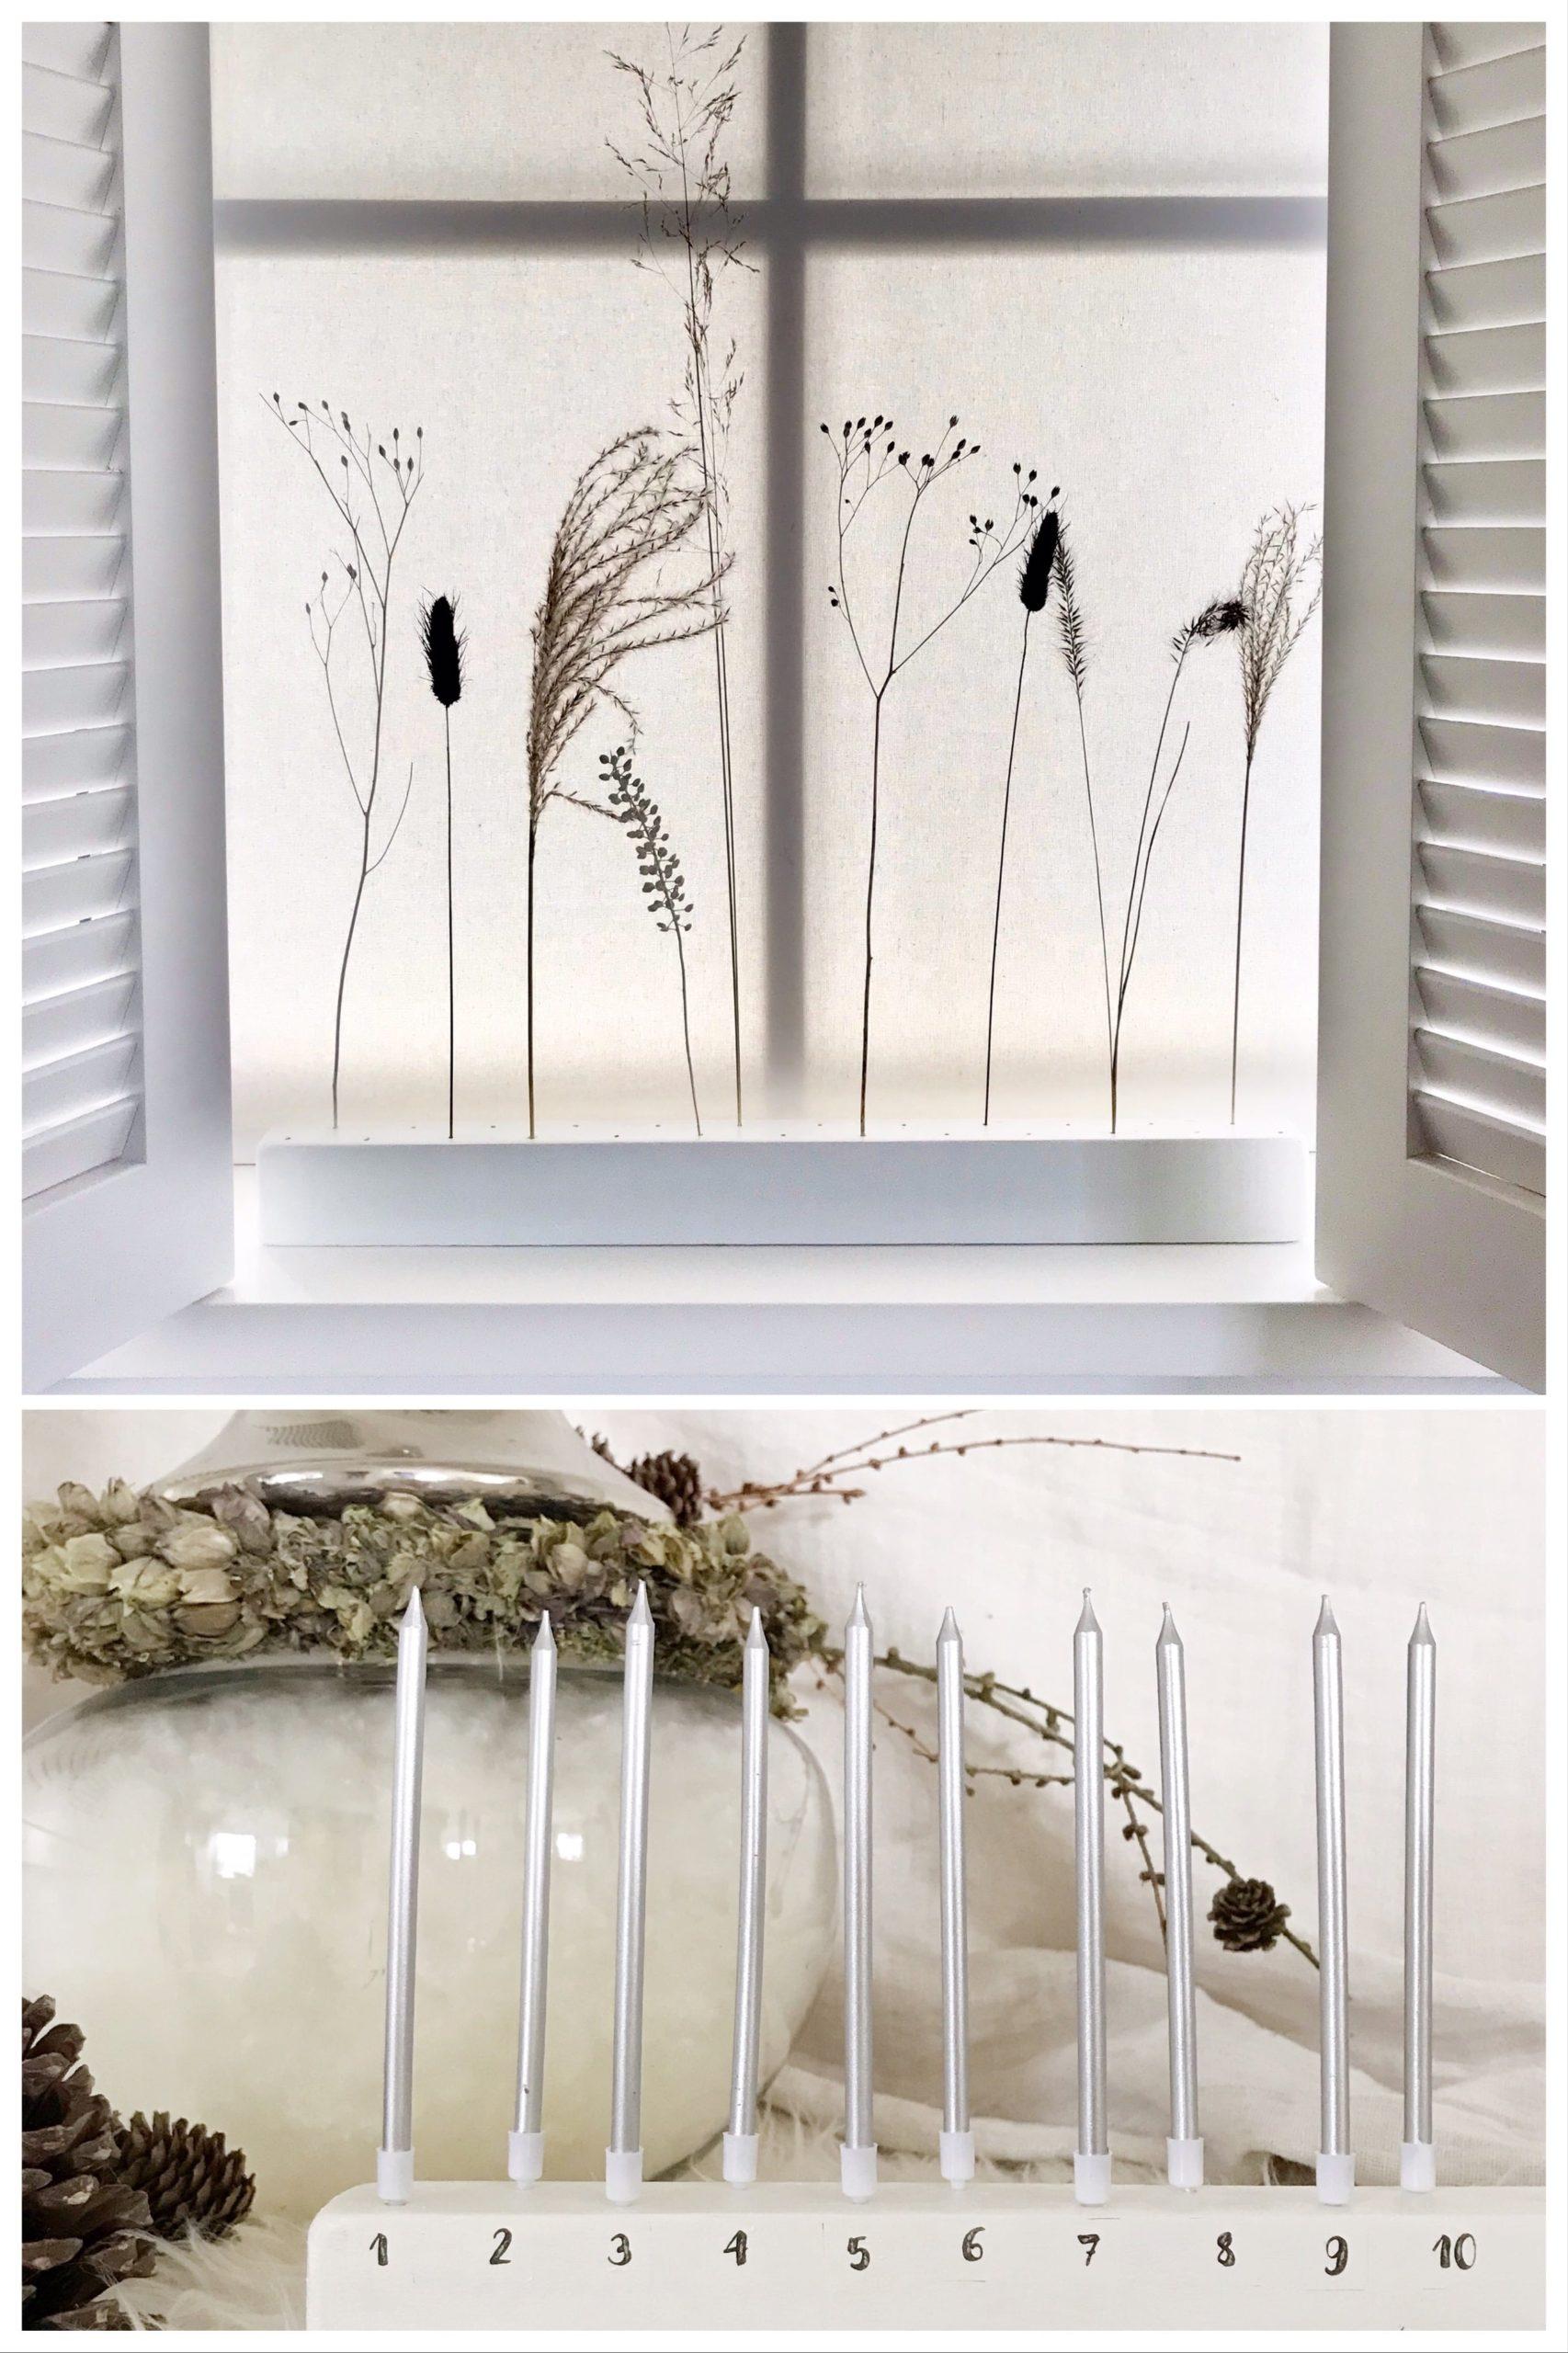 DIY Adventskalender aus Holz mit Kerzen wird zum Flowergram für Trockenblumen. Die Beschriftung erfolgt mit Wasserschiebefolie. #chalet8 #adventskalender #DIYadventskalender #Wasserschiebefolie #flowergram #trockenblumen